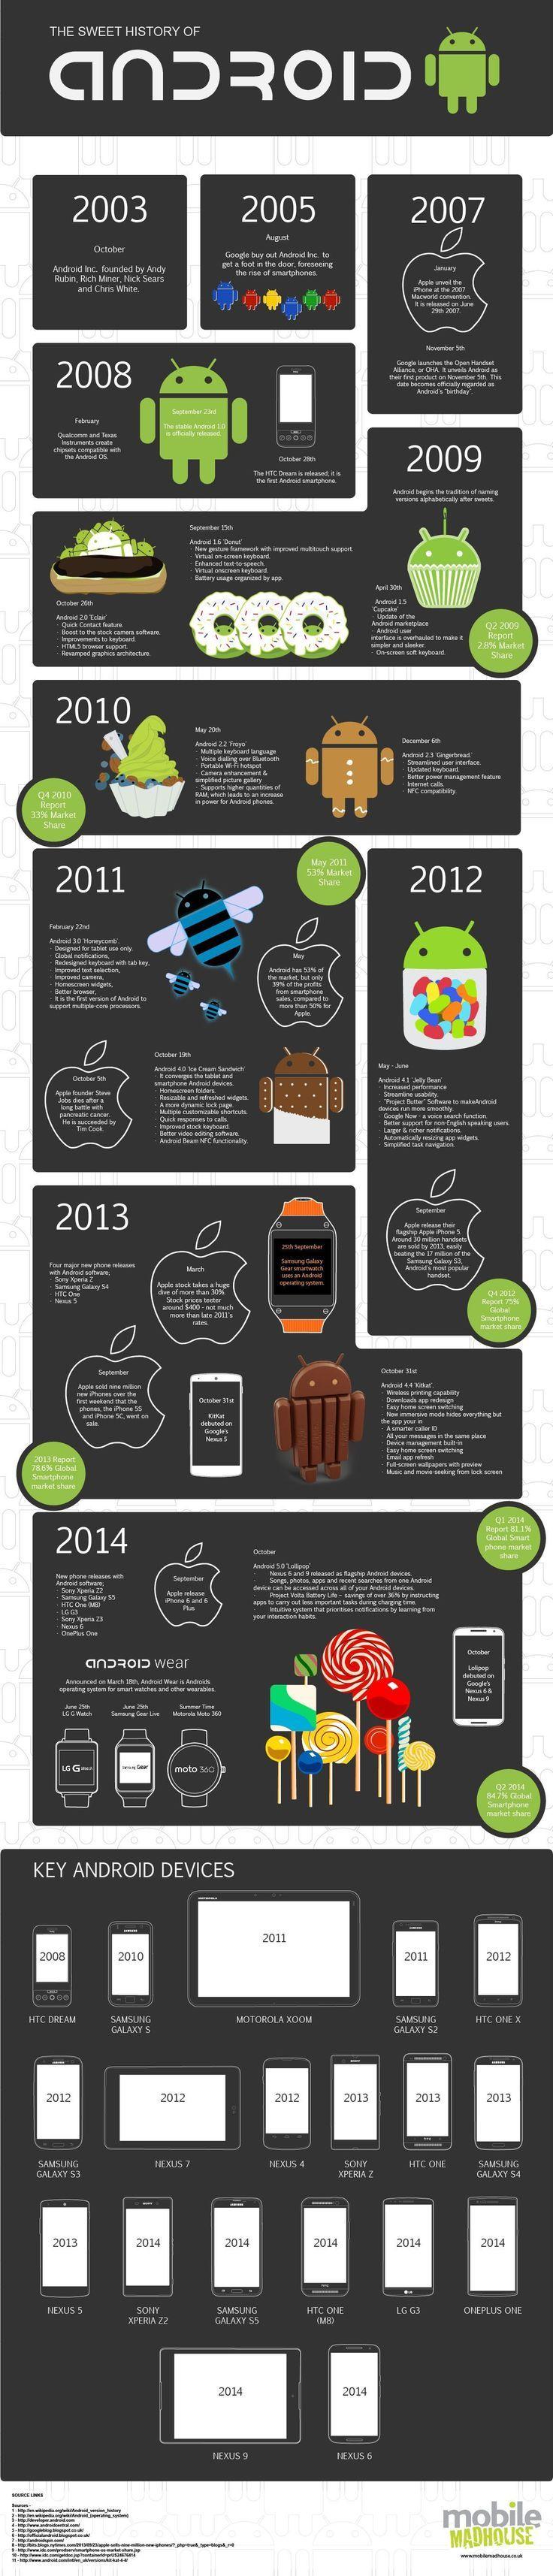 jordan retro 9 mens shoes  Infografia La historia de  Android   tecnologia  plataformas